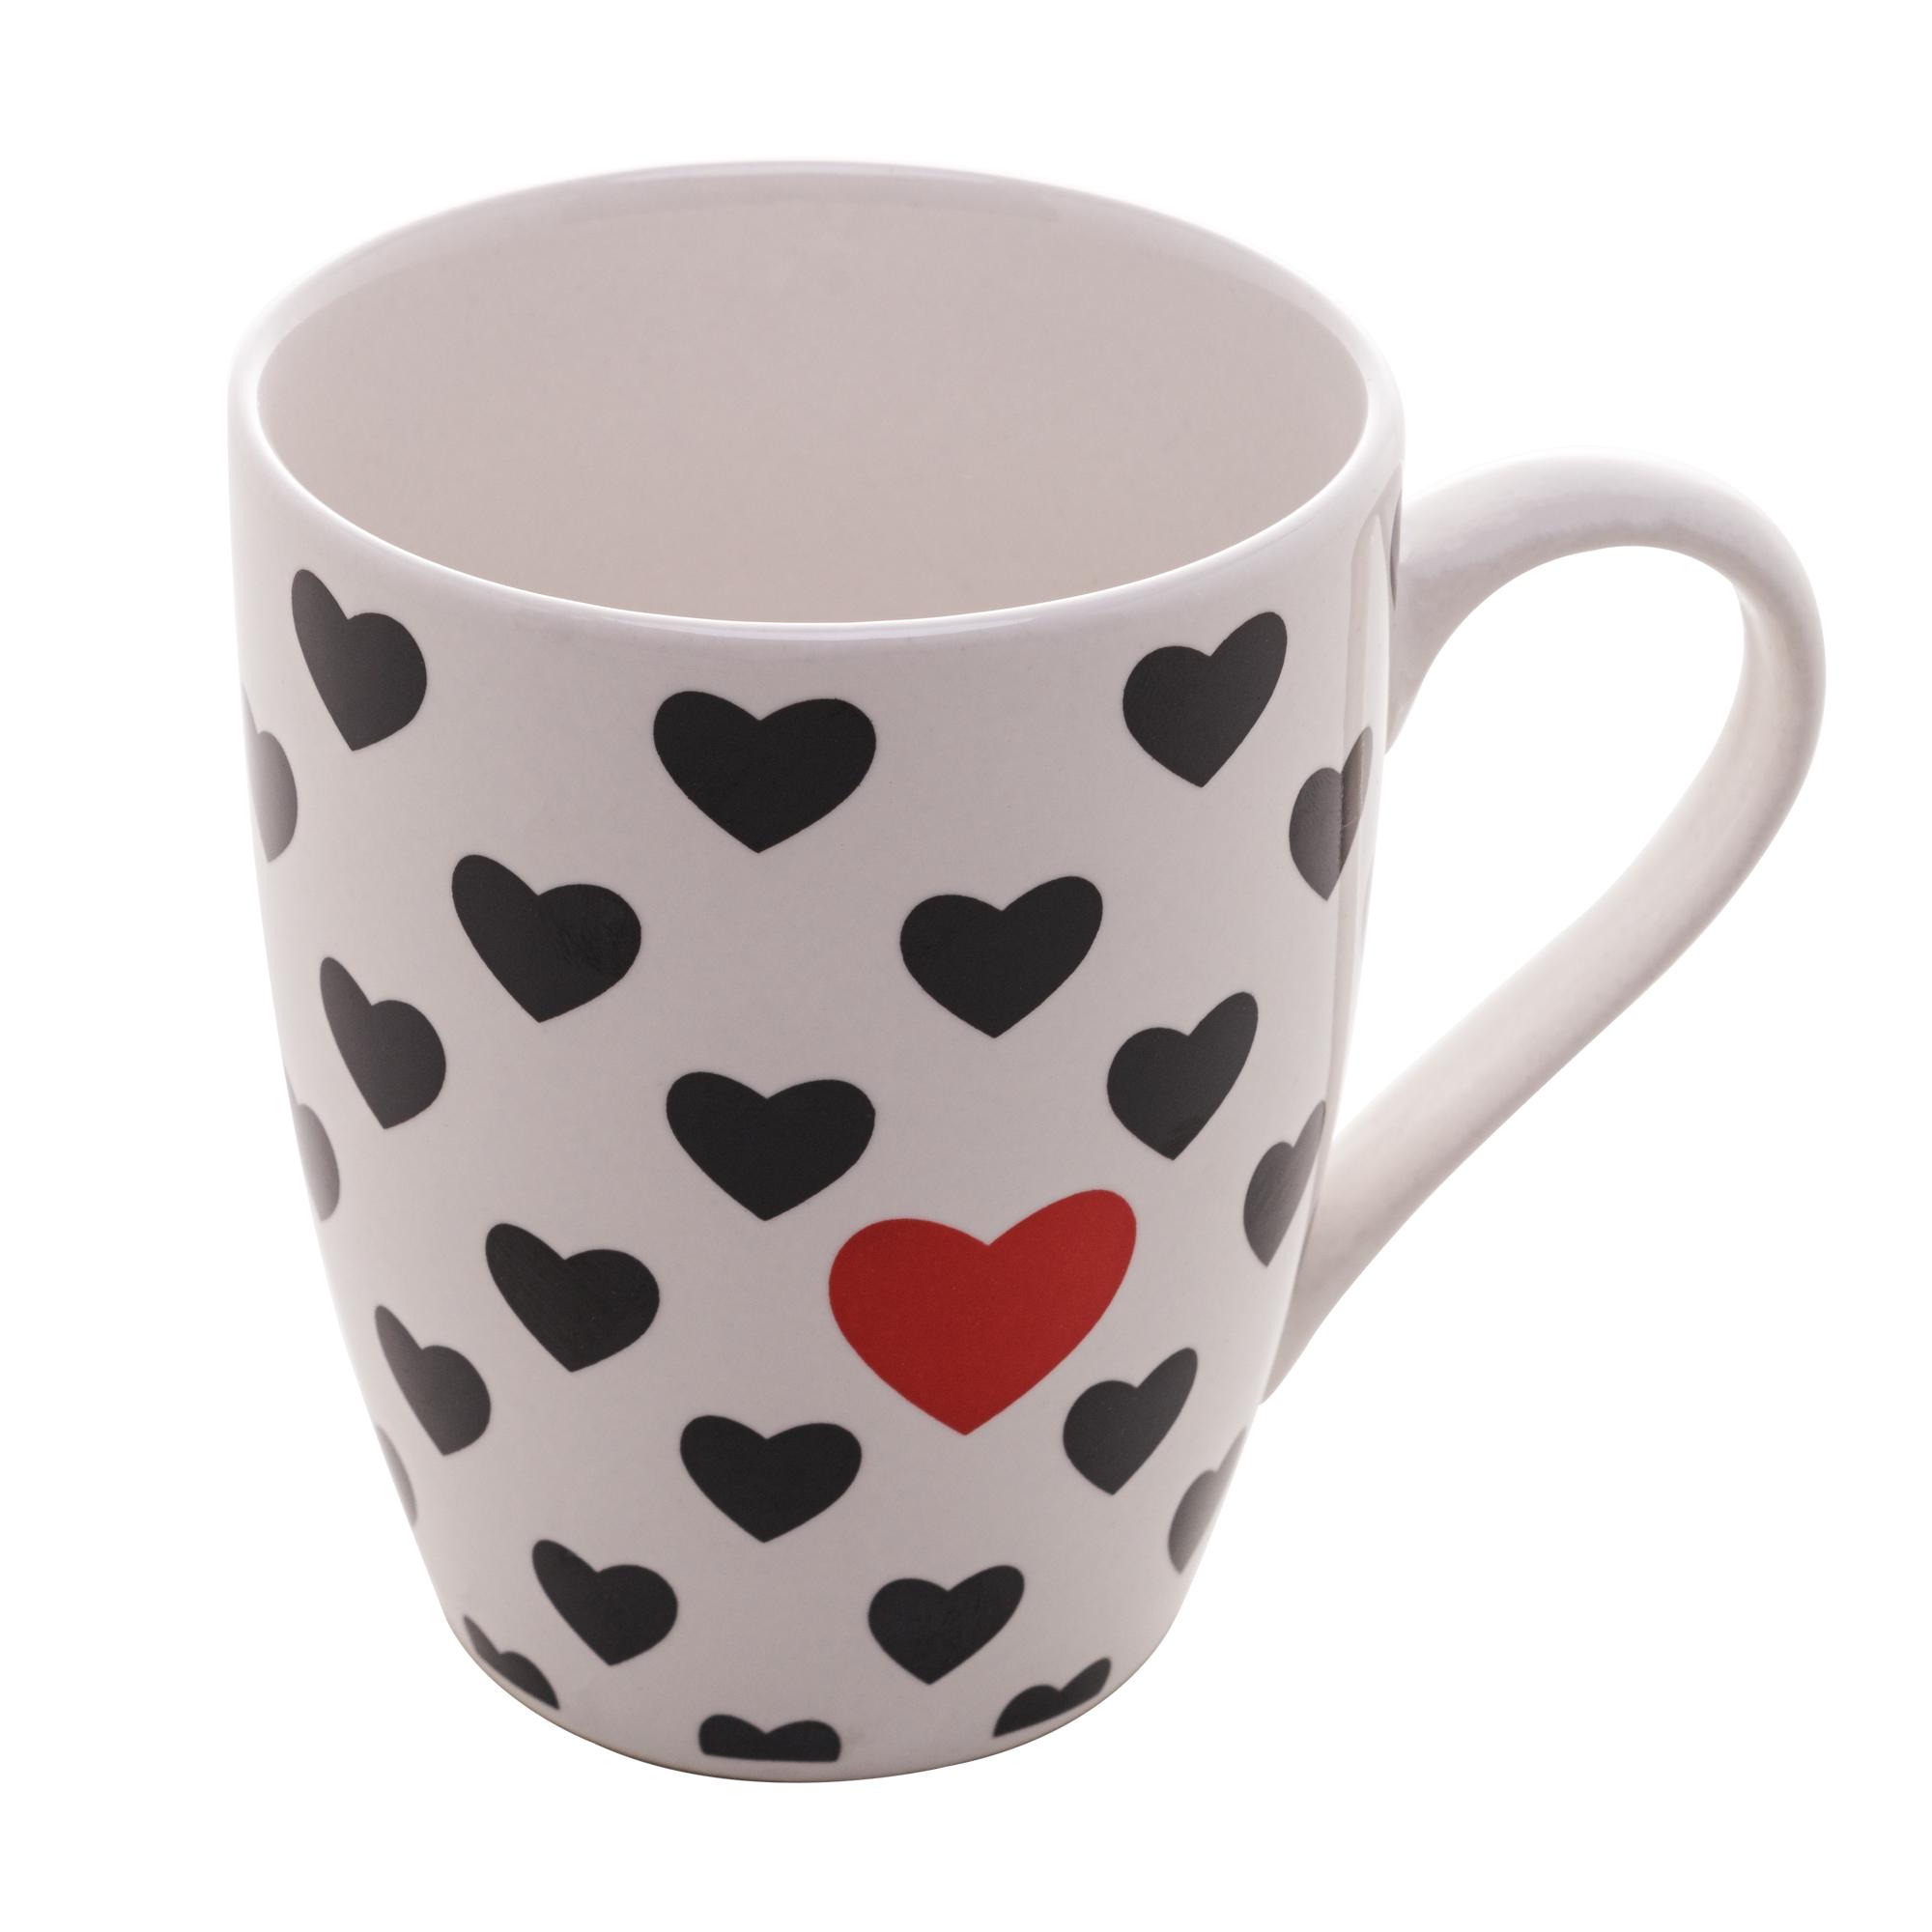 CANECA DE PORCELANA HEART WITH LOVE 350ml